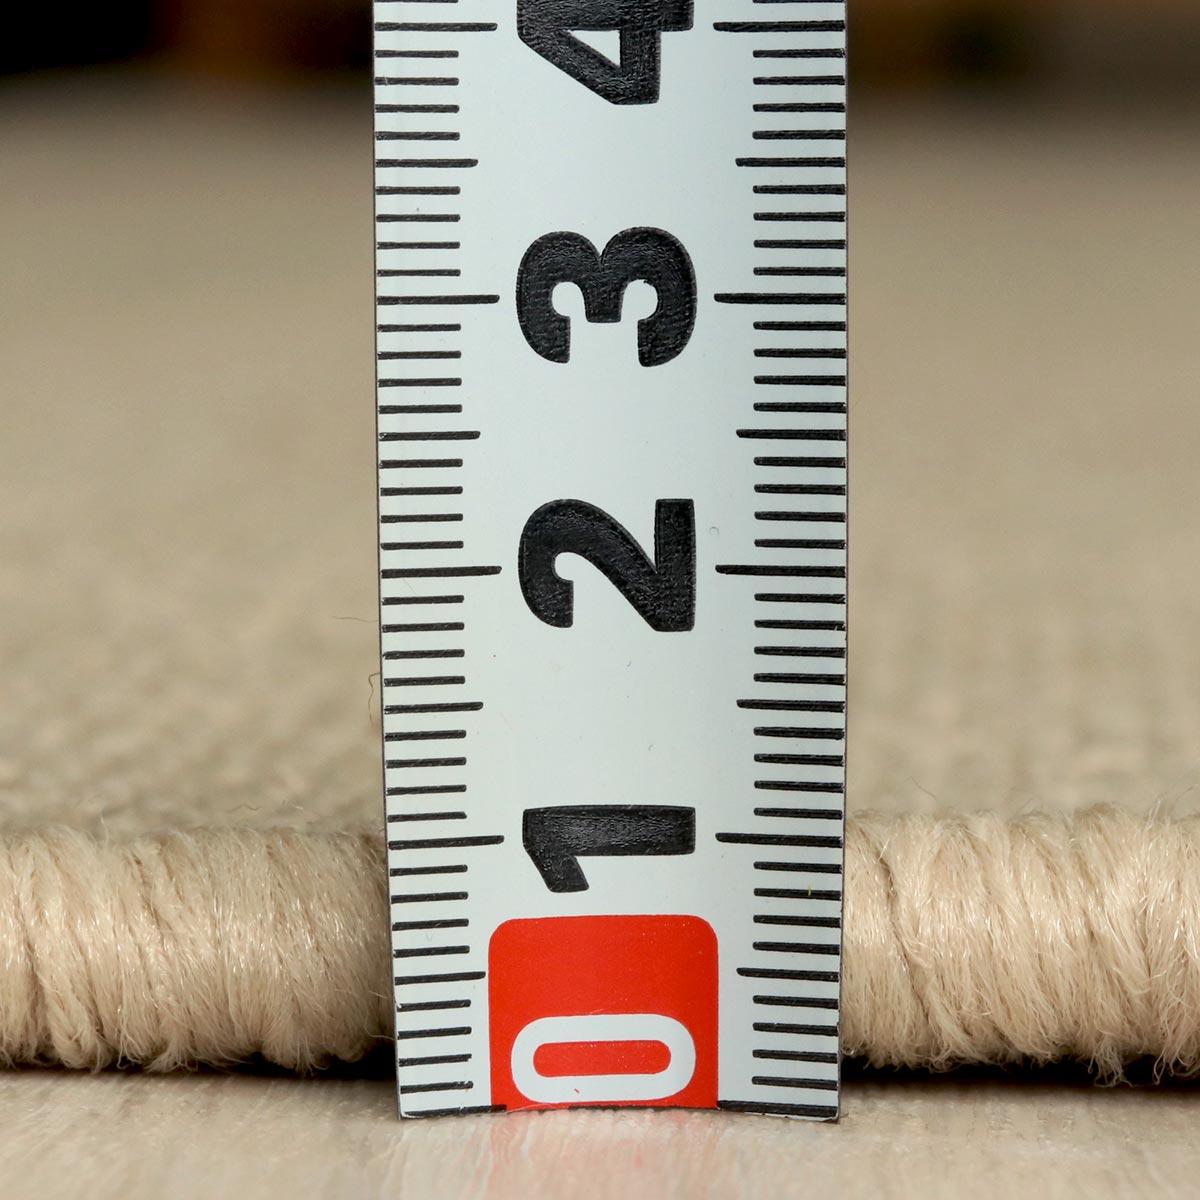 全厚約8mmの程よい薄さでサラリとしています。